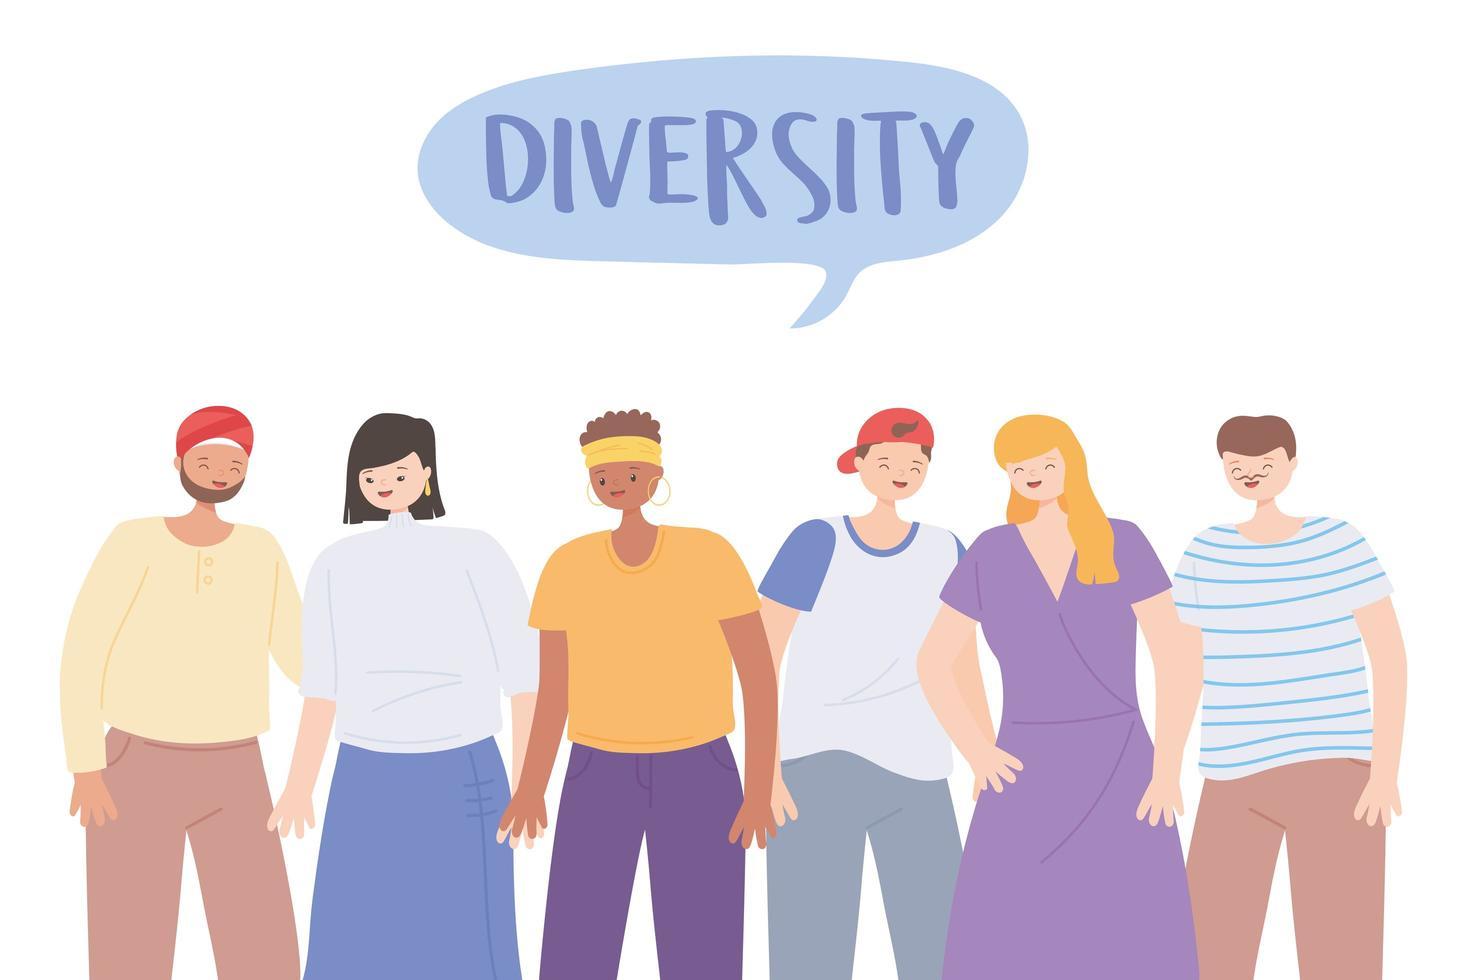 verschiedene multikulturelle und multikulturelle Menschen Charaktere verschiedene Cartoon vektor